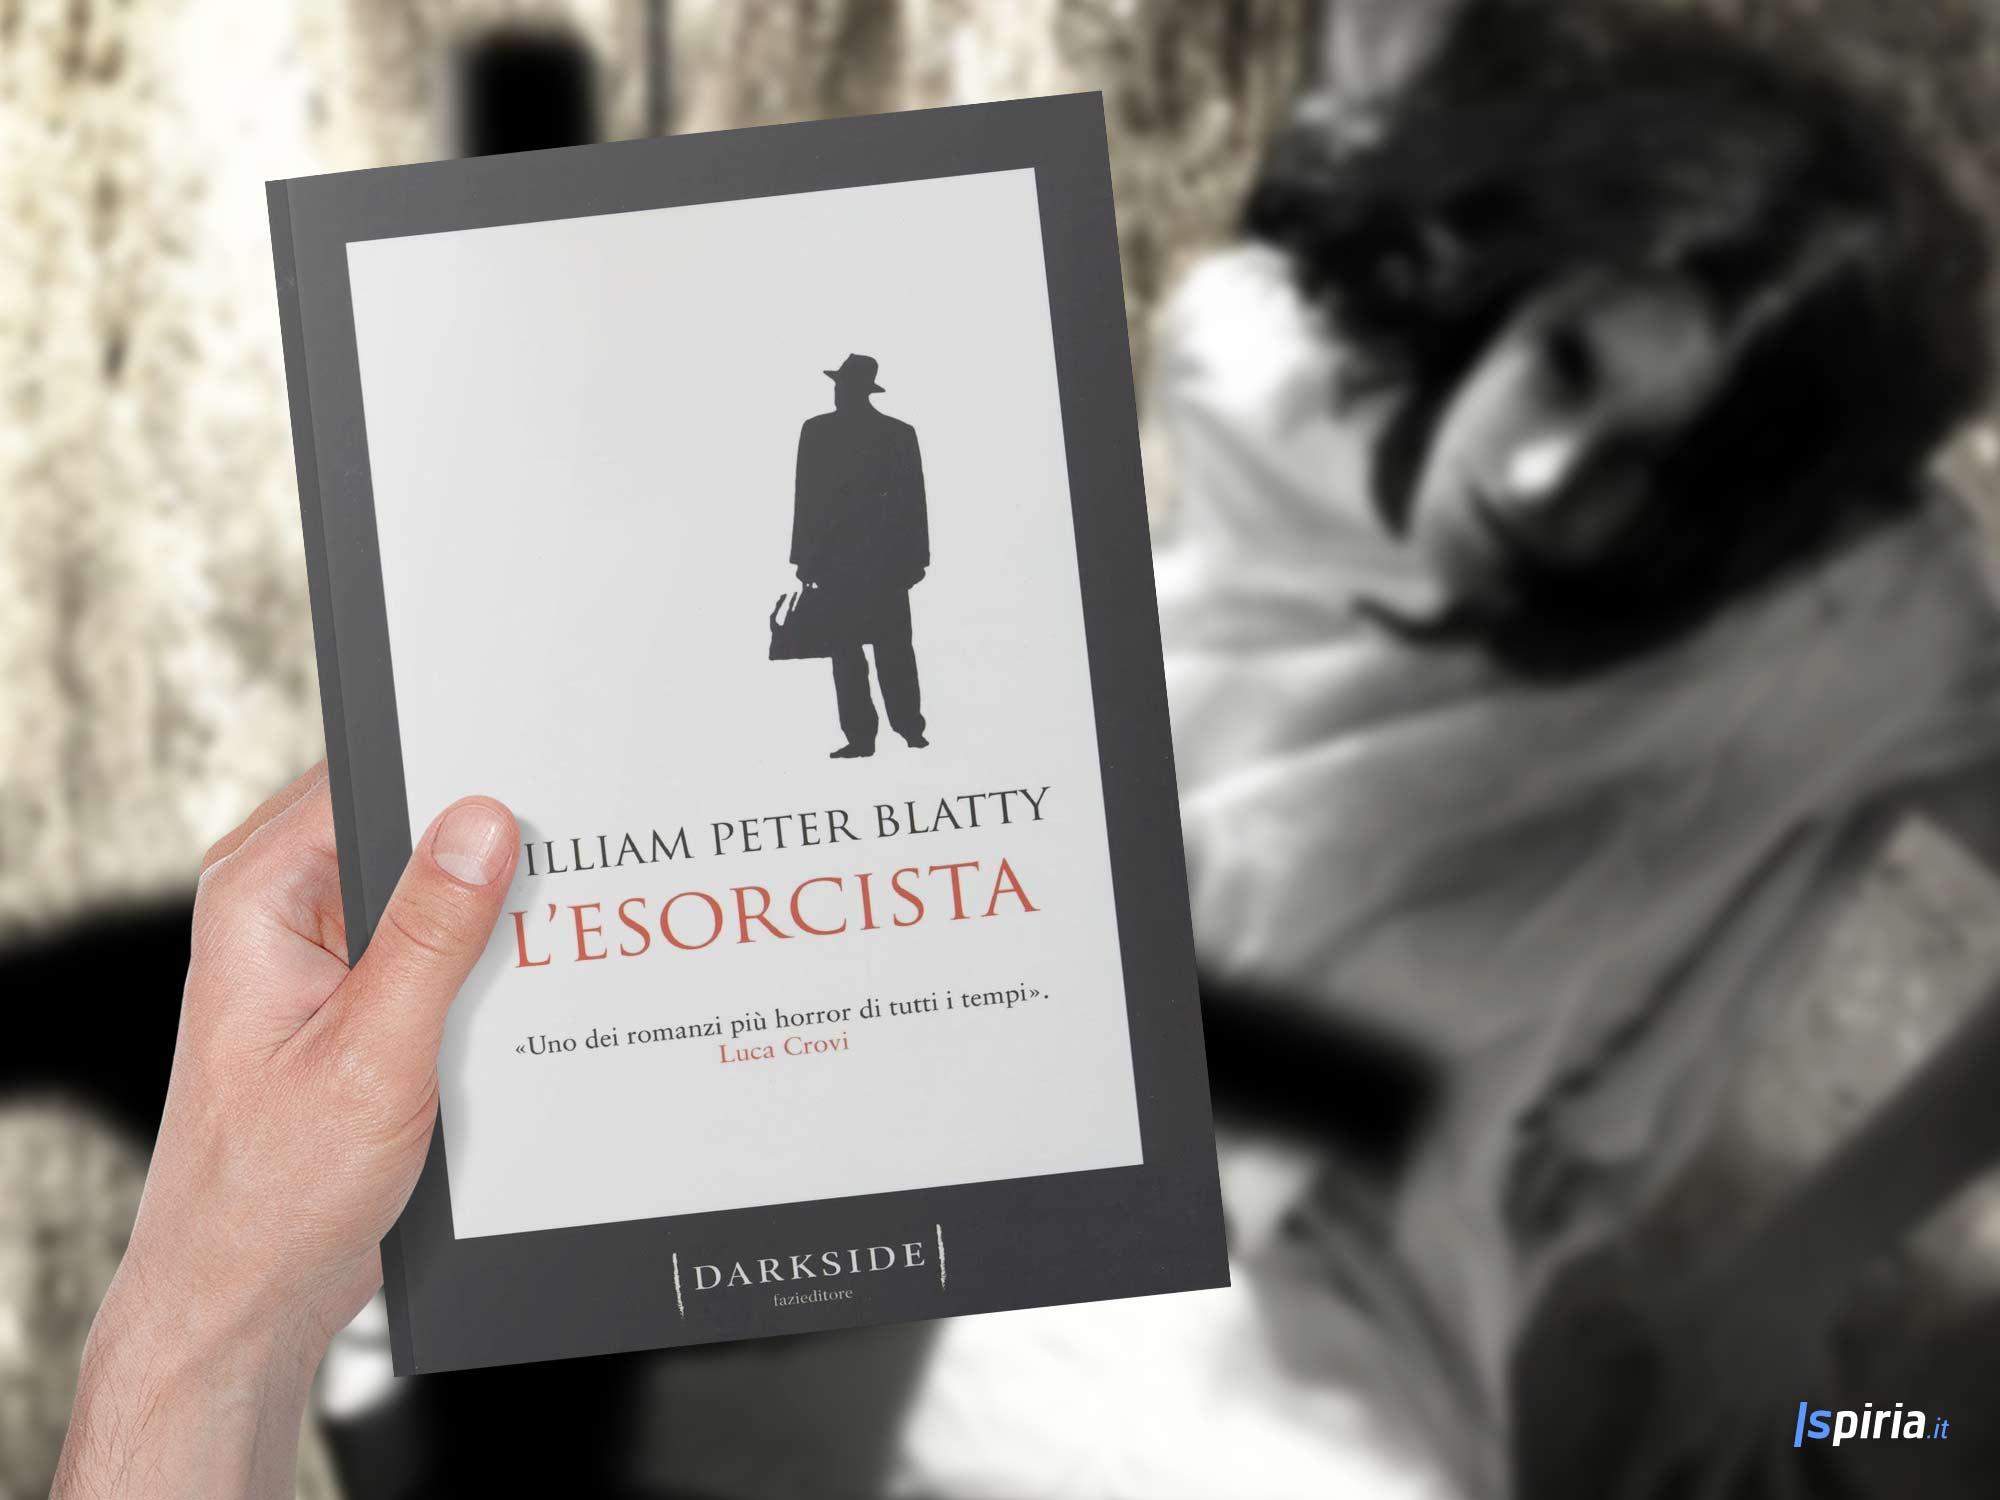 libri-horror-esorcismo-esorcista-blatty